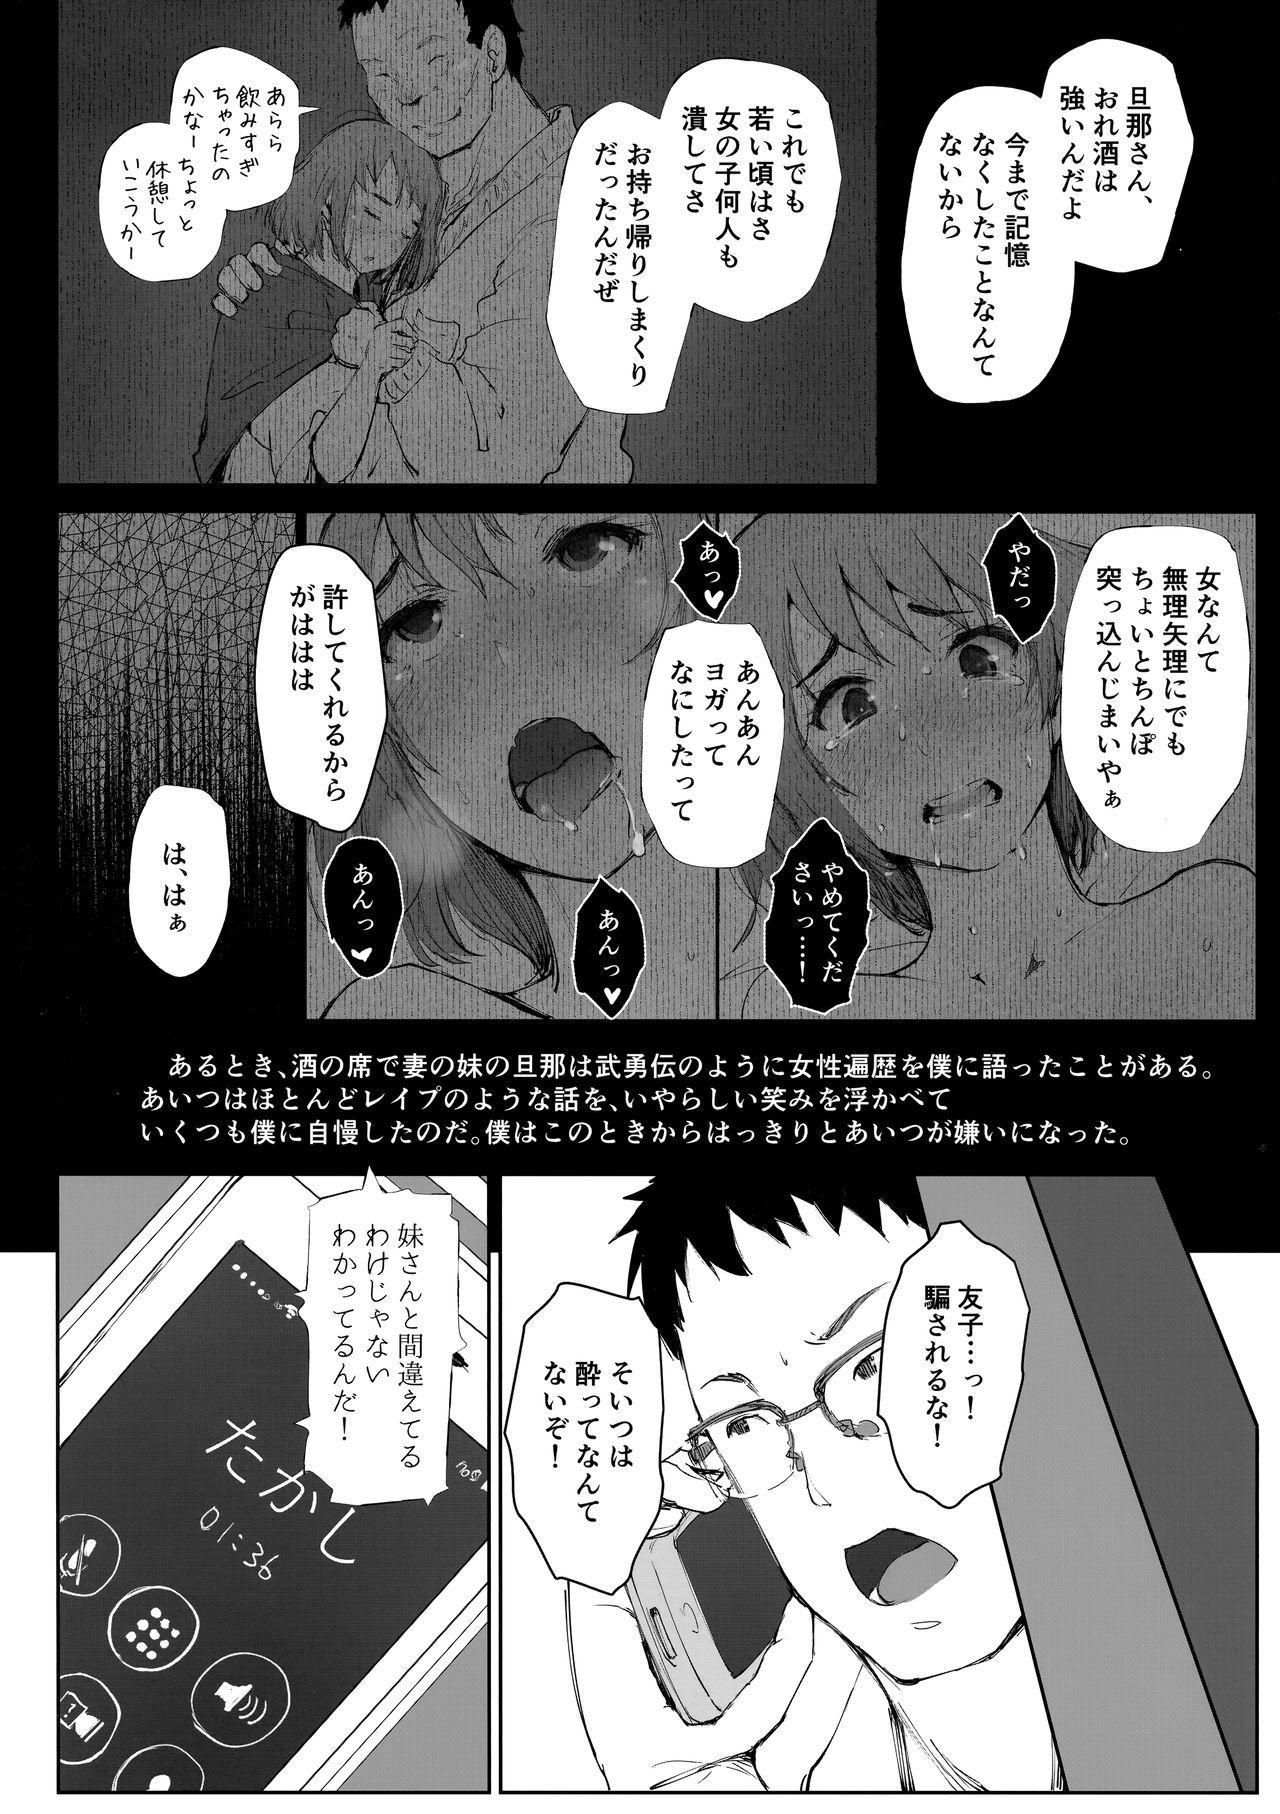 Tsuma no Imouto no Danna ga Ie ni Kiteiruyoudesu. 4